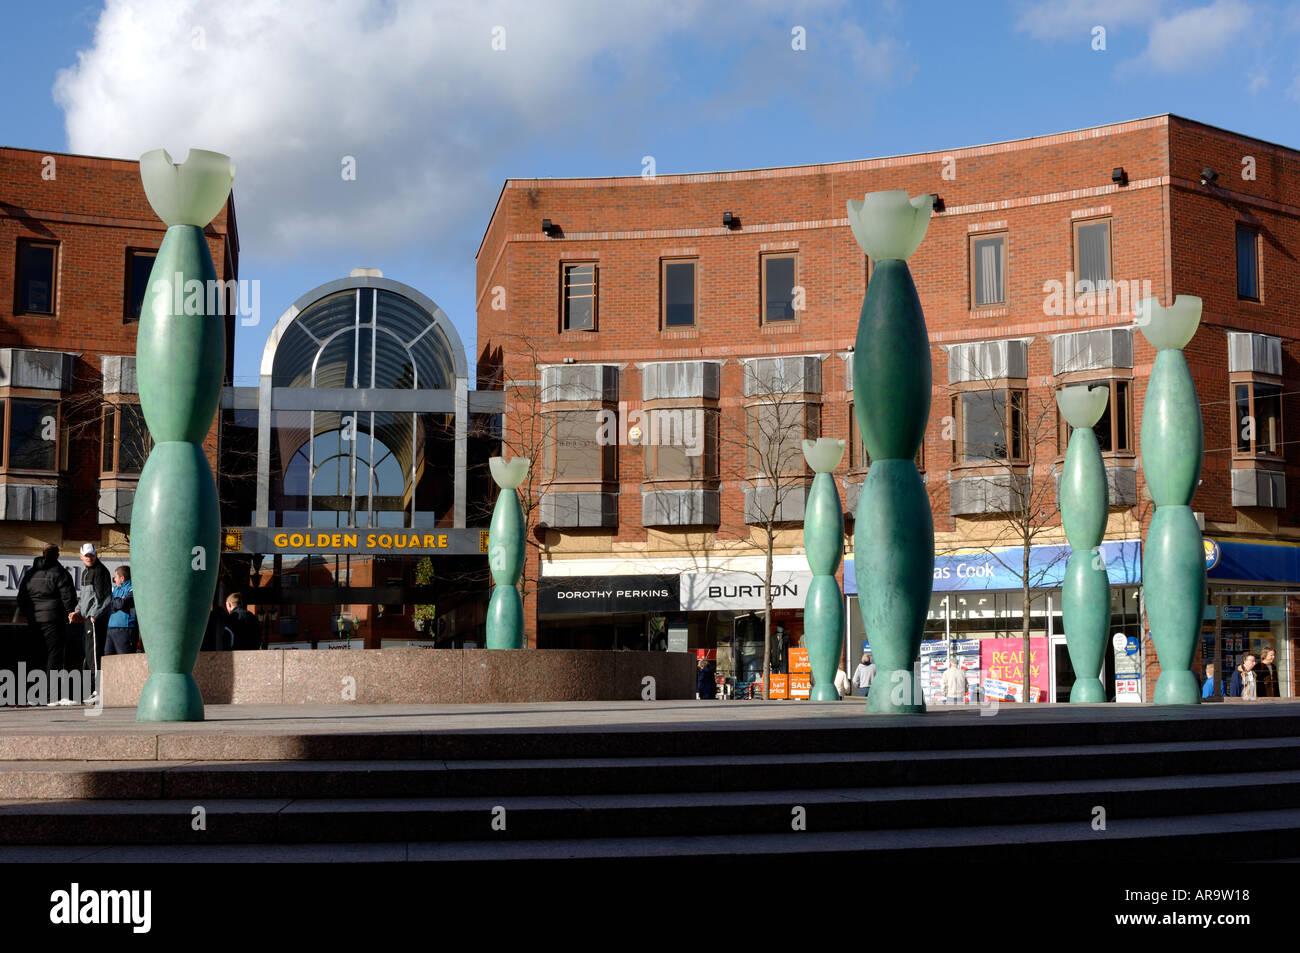 Market Gate Square Warrington Cheshire England UK - Stock Image